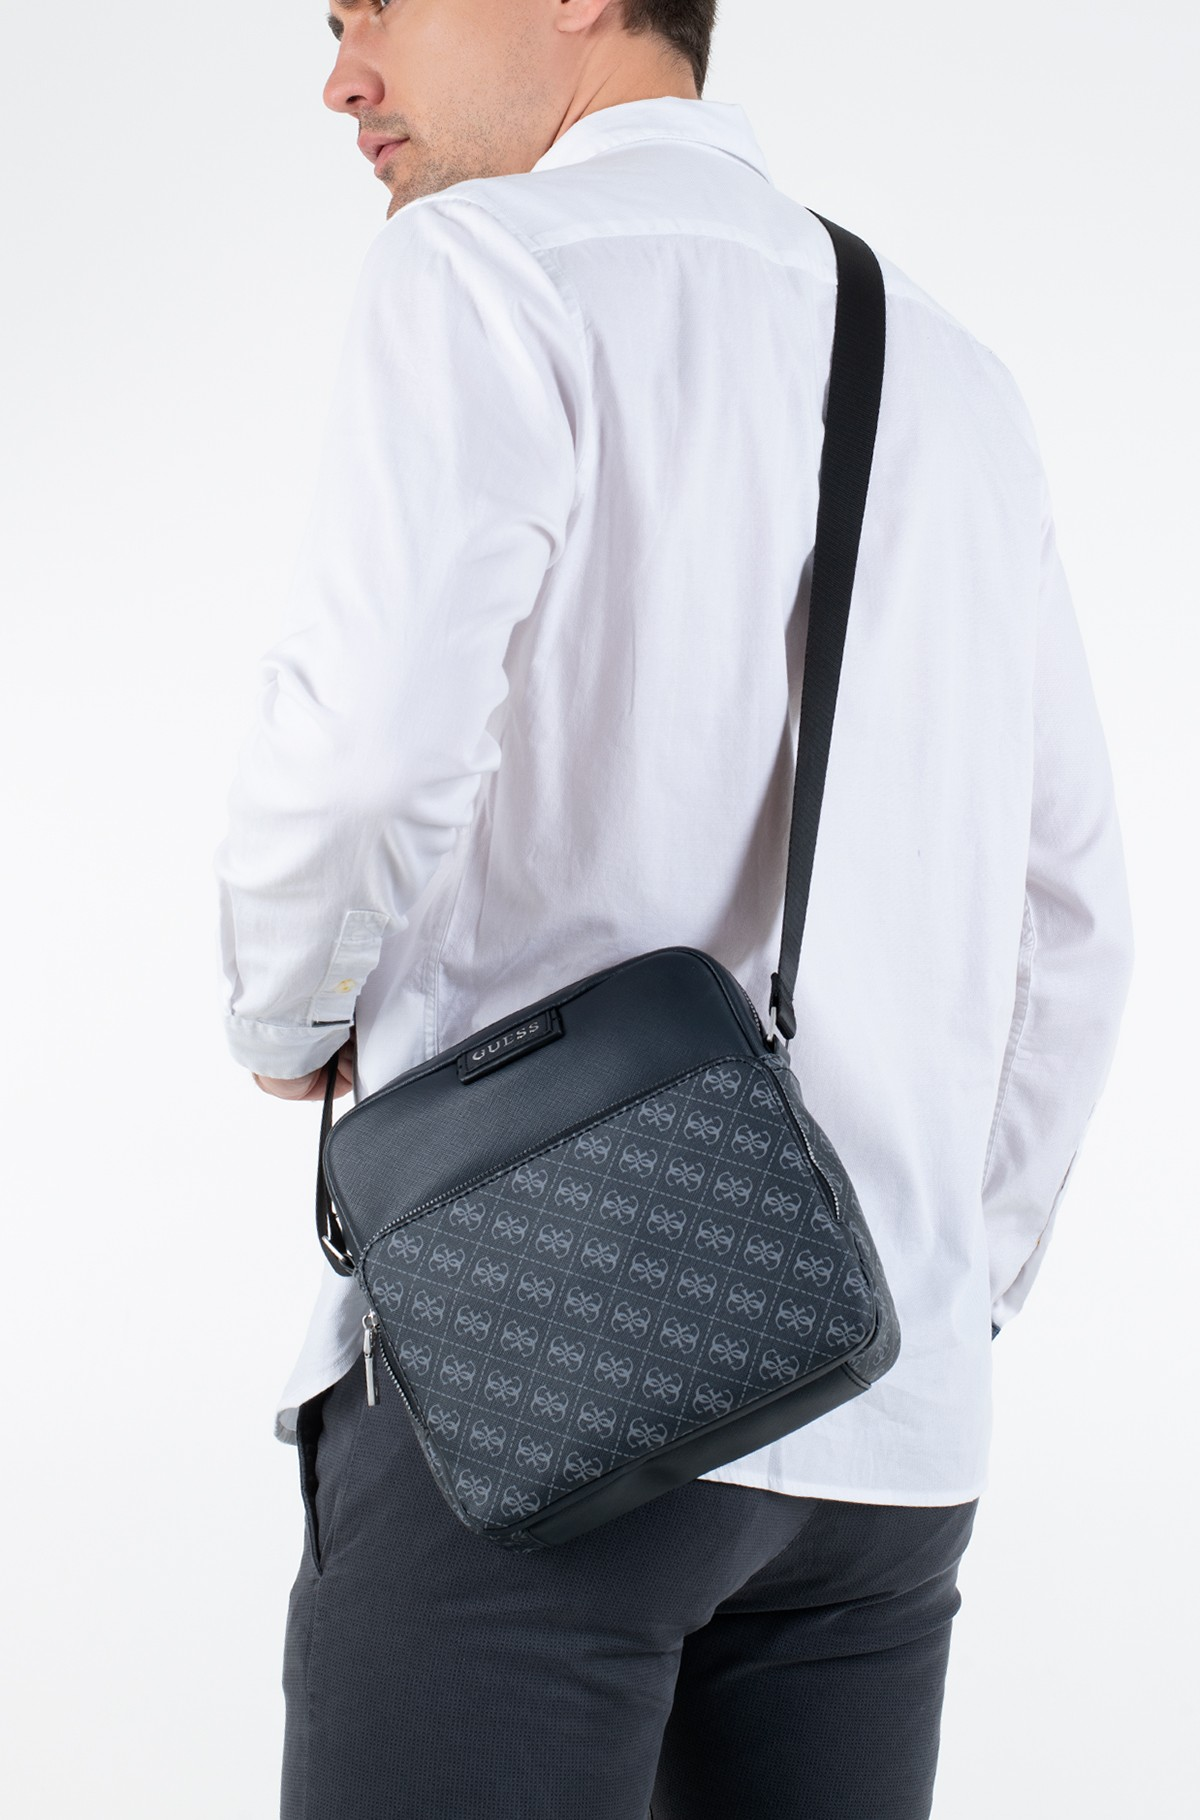 Shoulder bag HMDANL P0326-full-1